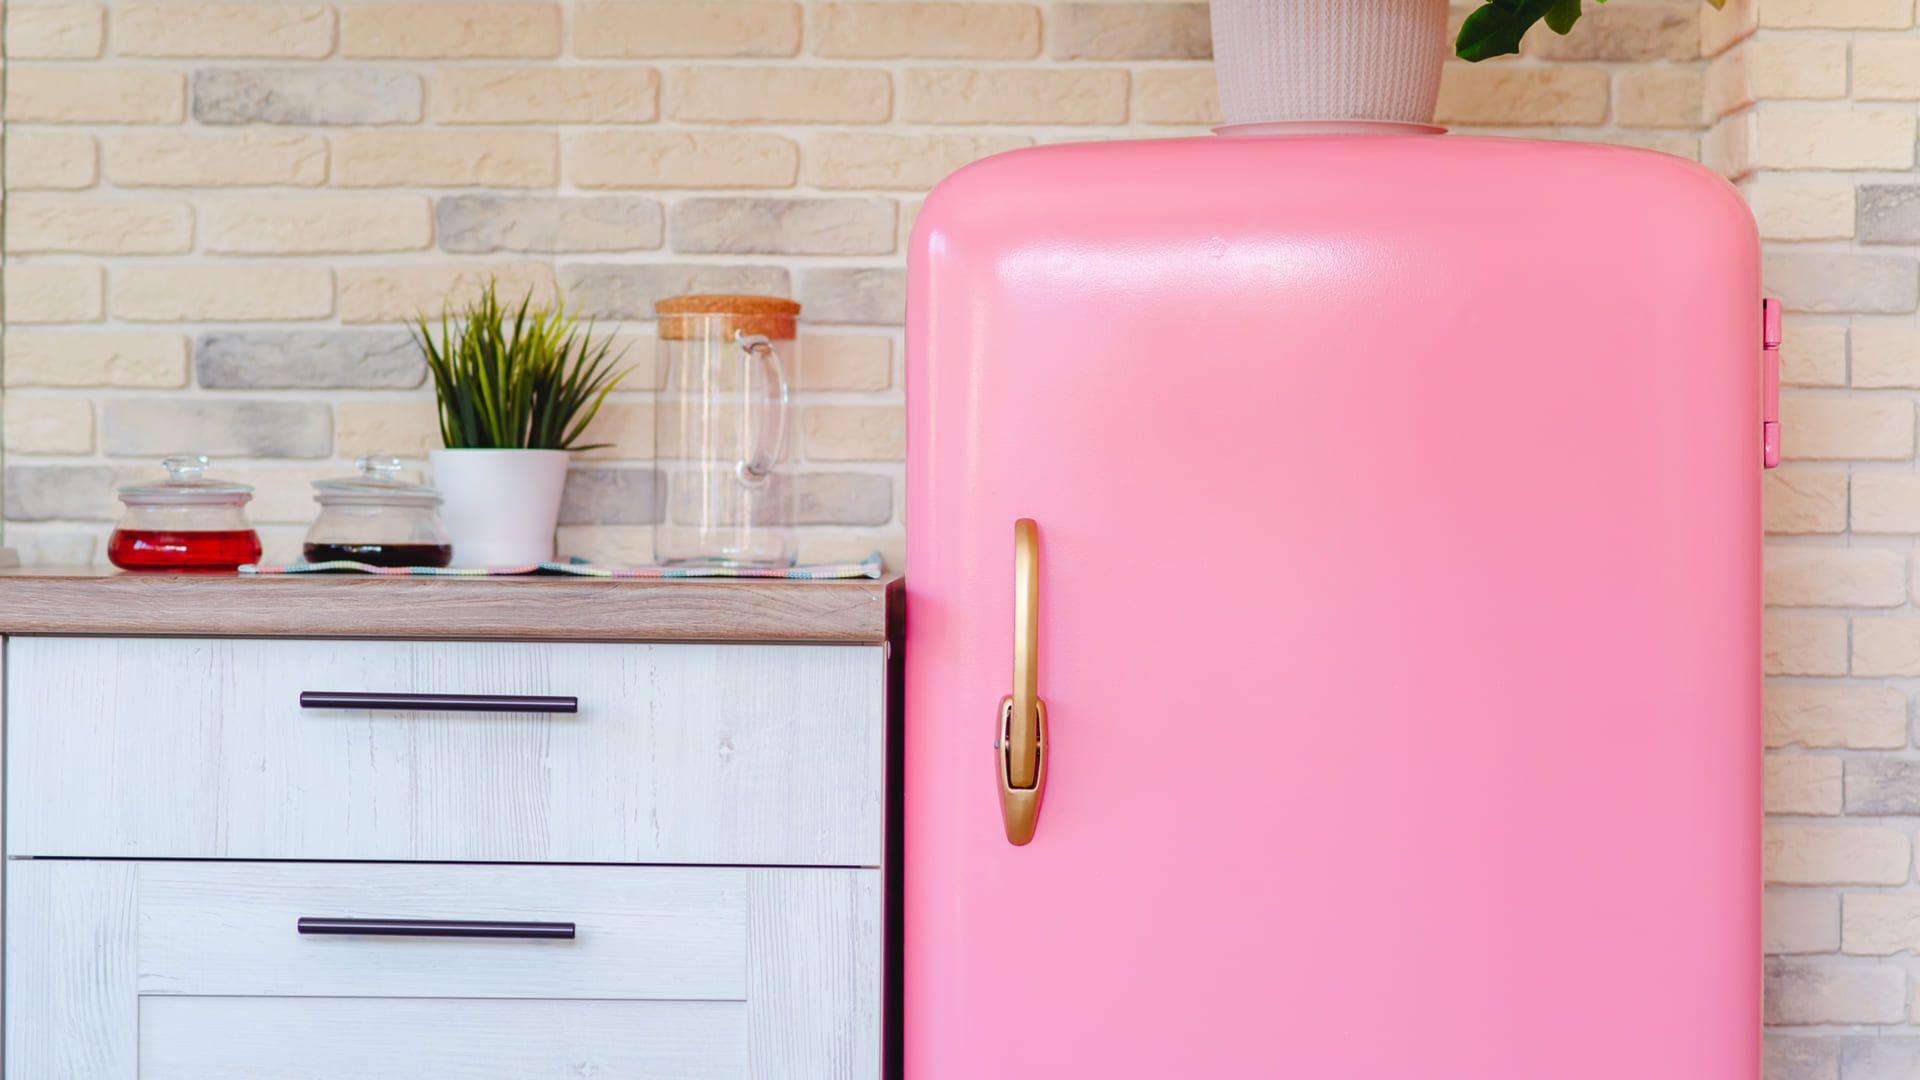 Aprenda a dar um toque retrô para a sua cozinha com eletrodomésticos! (Imagem: Reprodução/Shutterstock)